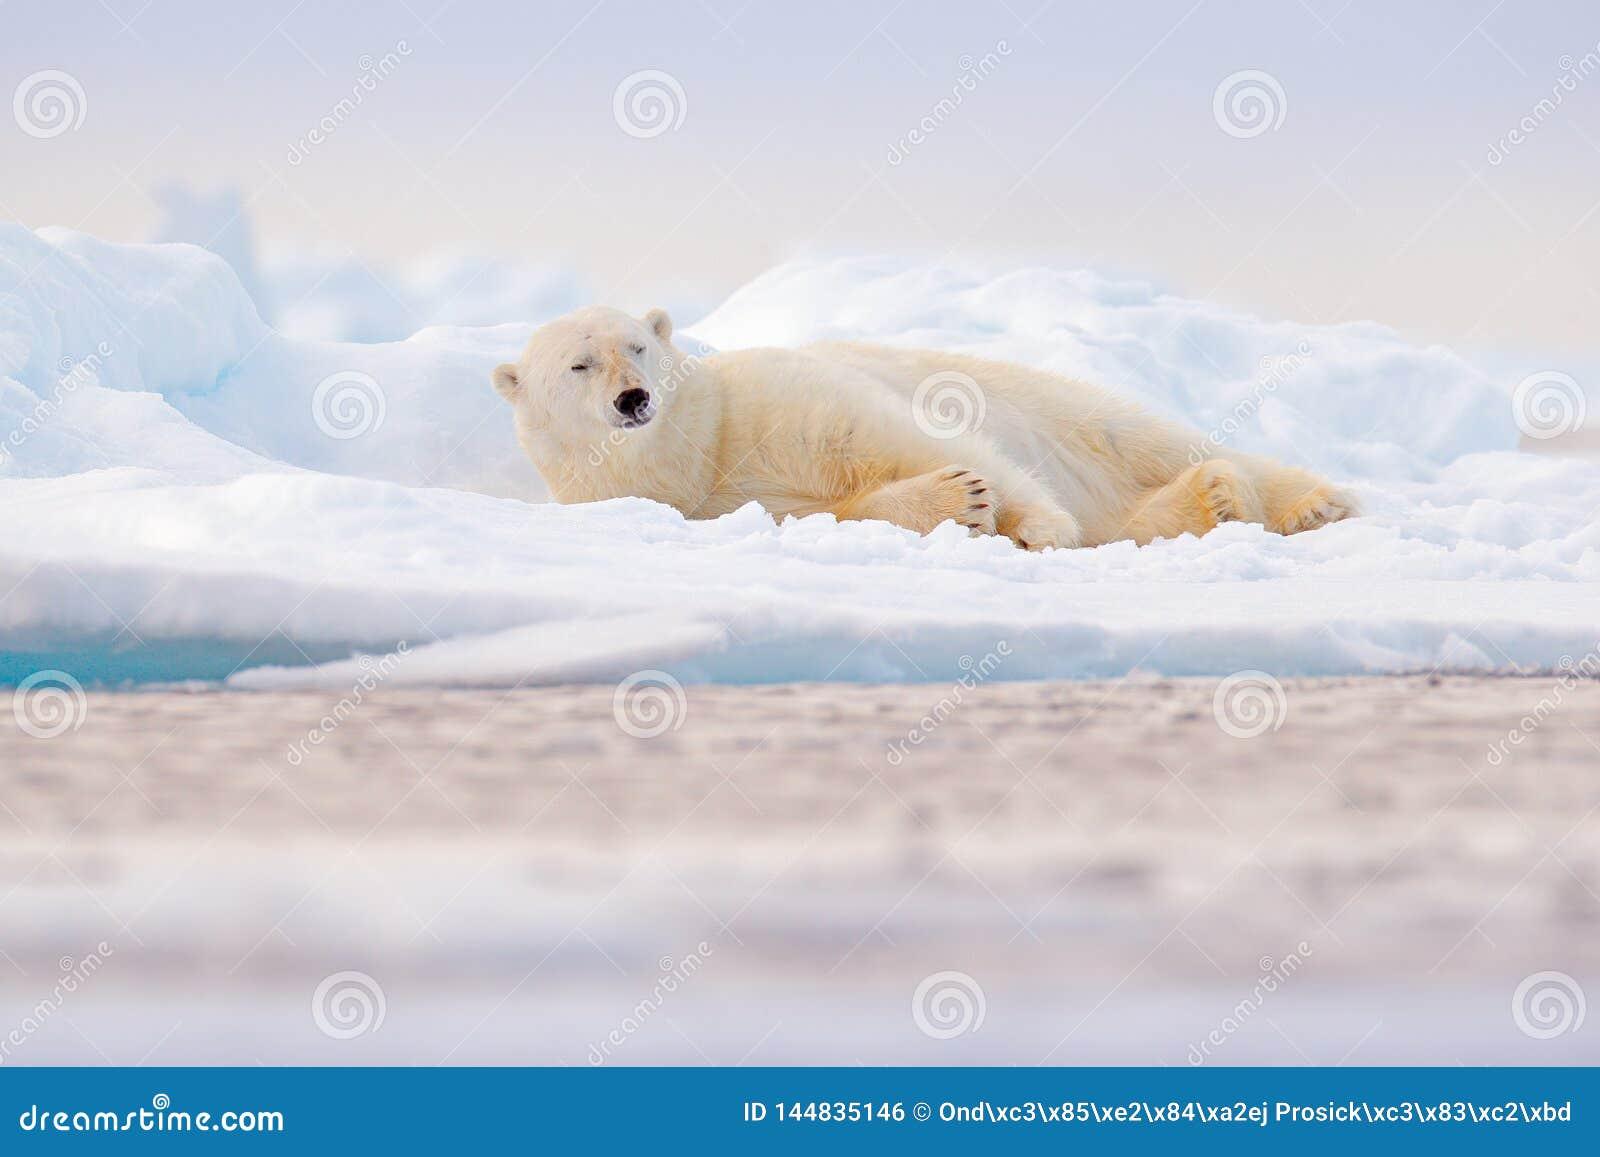 Polar betreffen Sie Treibeisrand mit Schnee und Wasser in Norwegen-Meer Wei?es Tier im Naturlebensraum, Svalbard, Europa wildnis